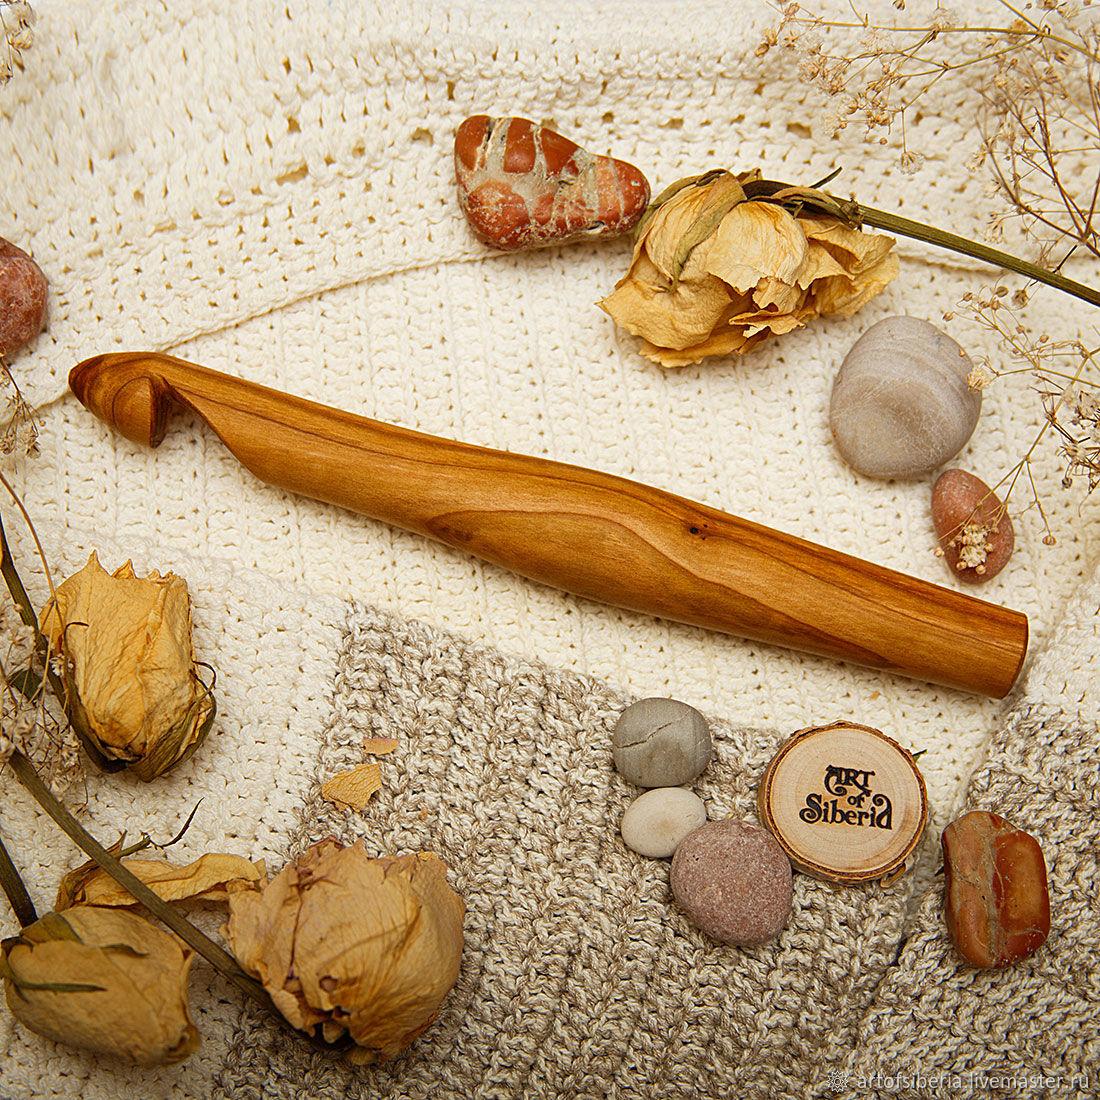 Большой Деревянный Крючок для вязания 20мм Вишня Крючки из дерева #K65, Инструменты для вязания, Новокузнецк, Фото №1